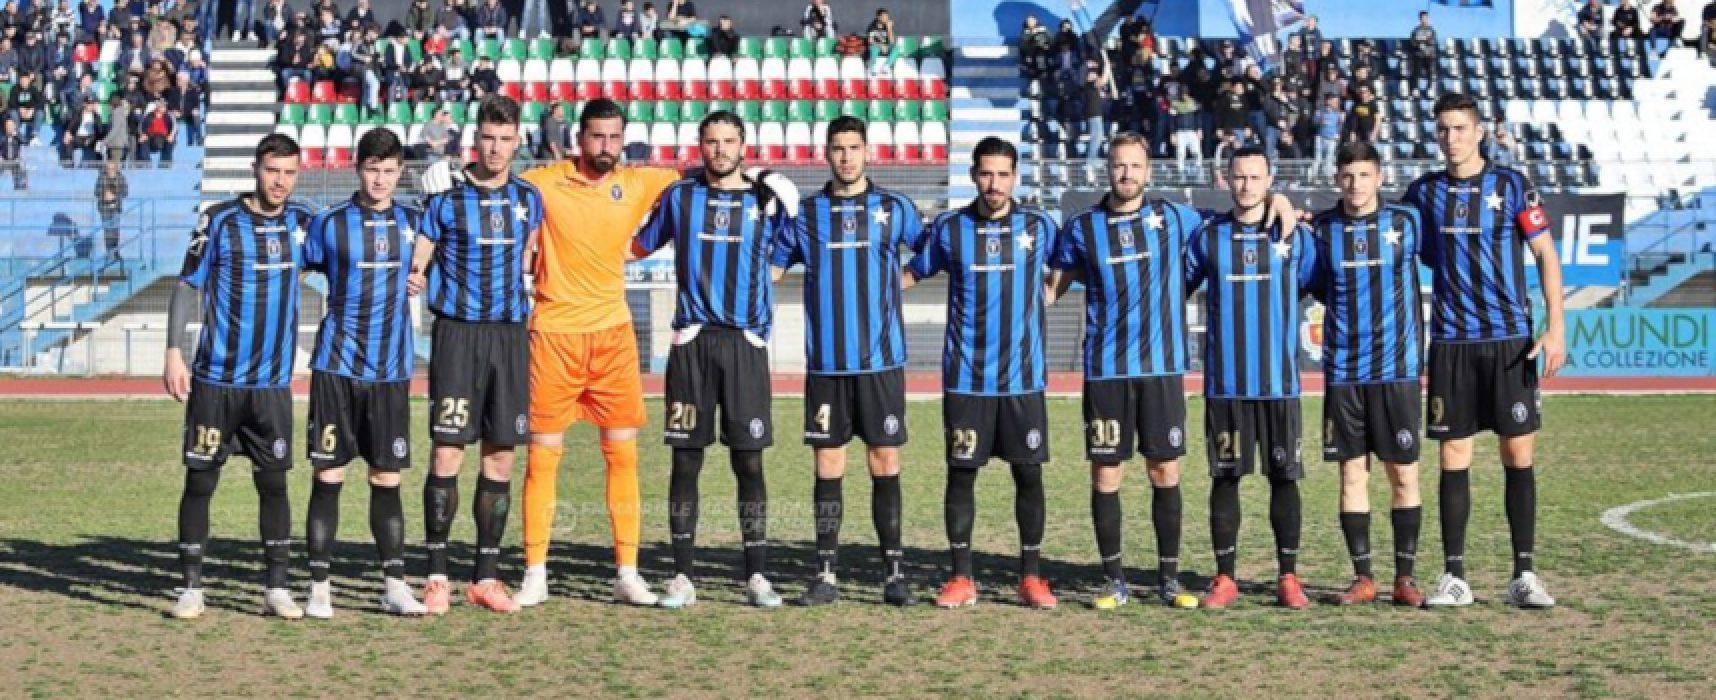 Serie C convoca assemblea dei club, possibile sospensione del campionato